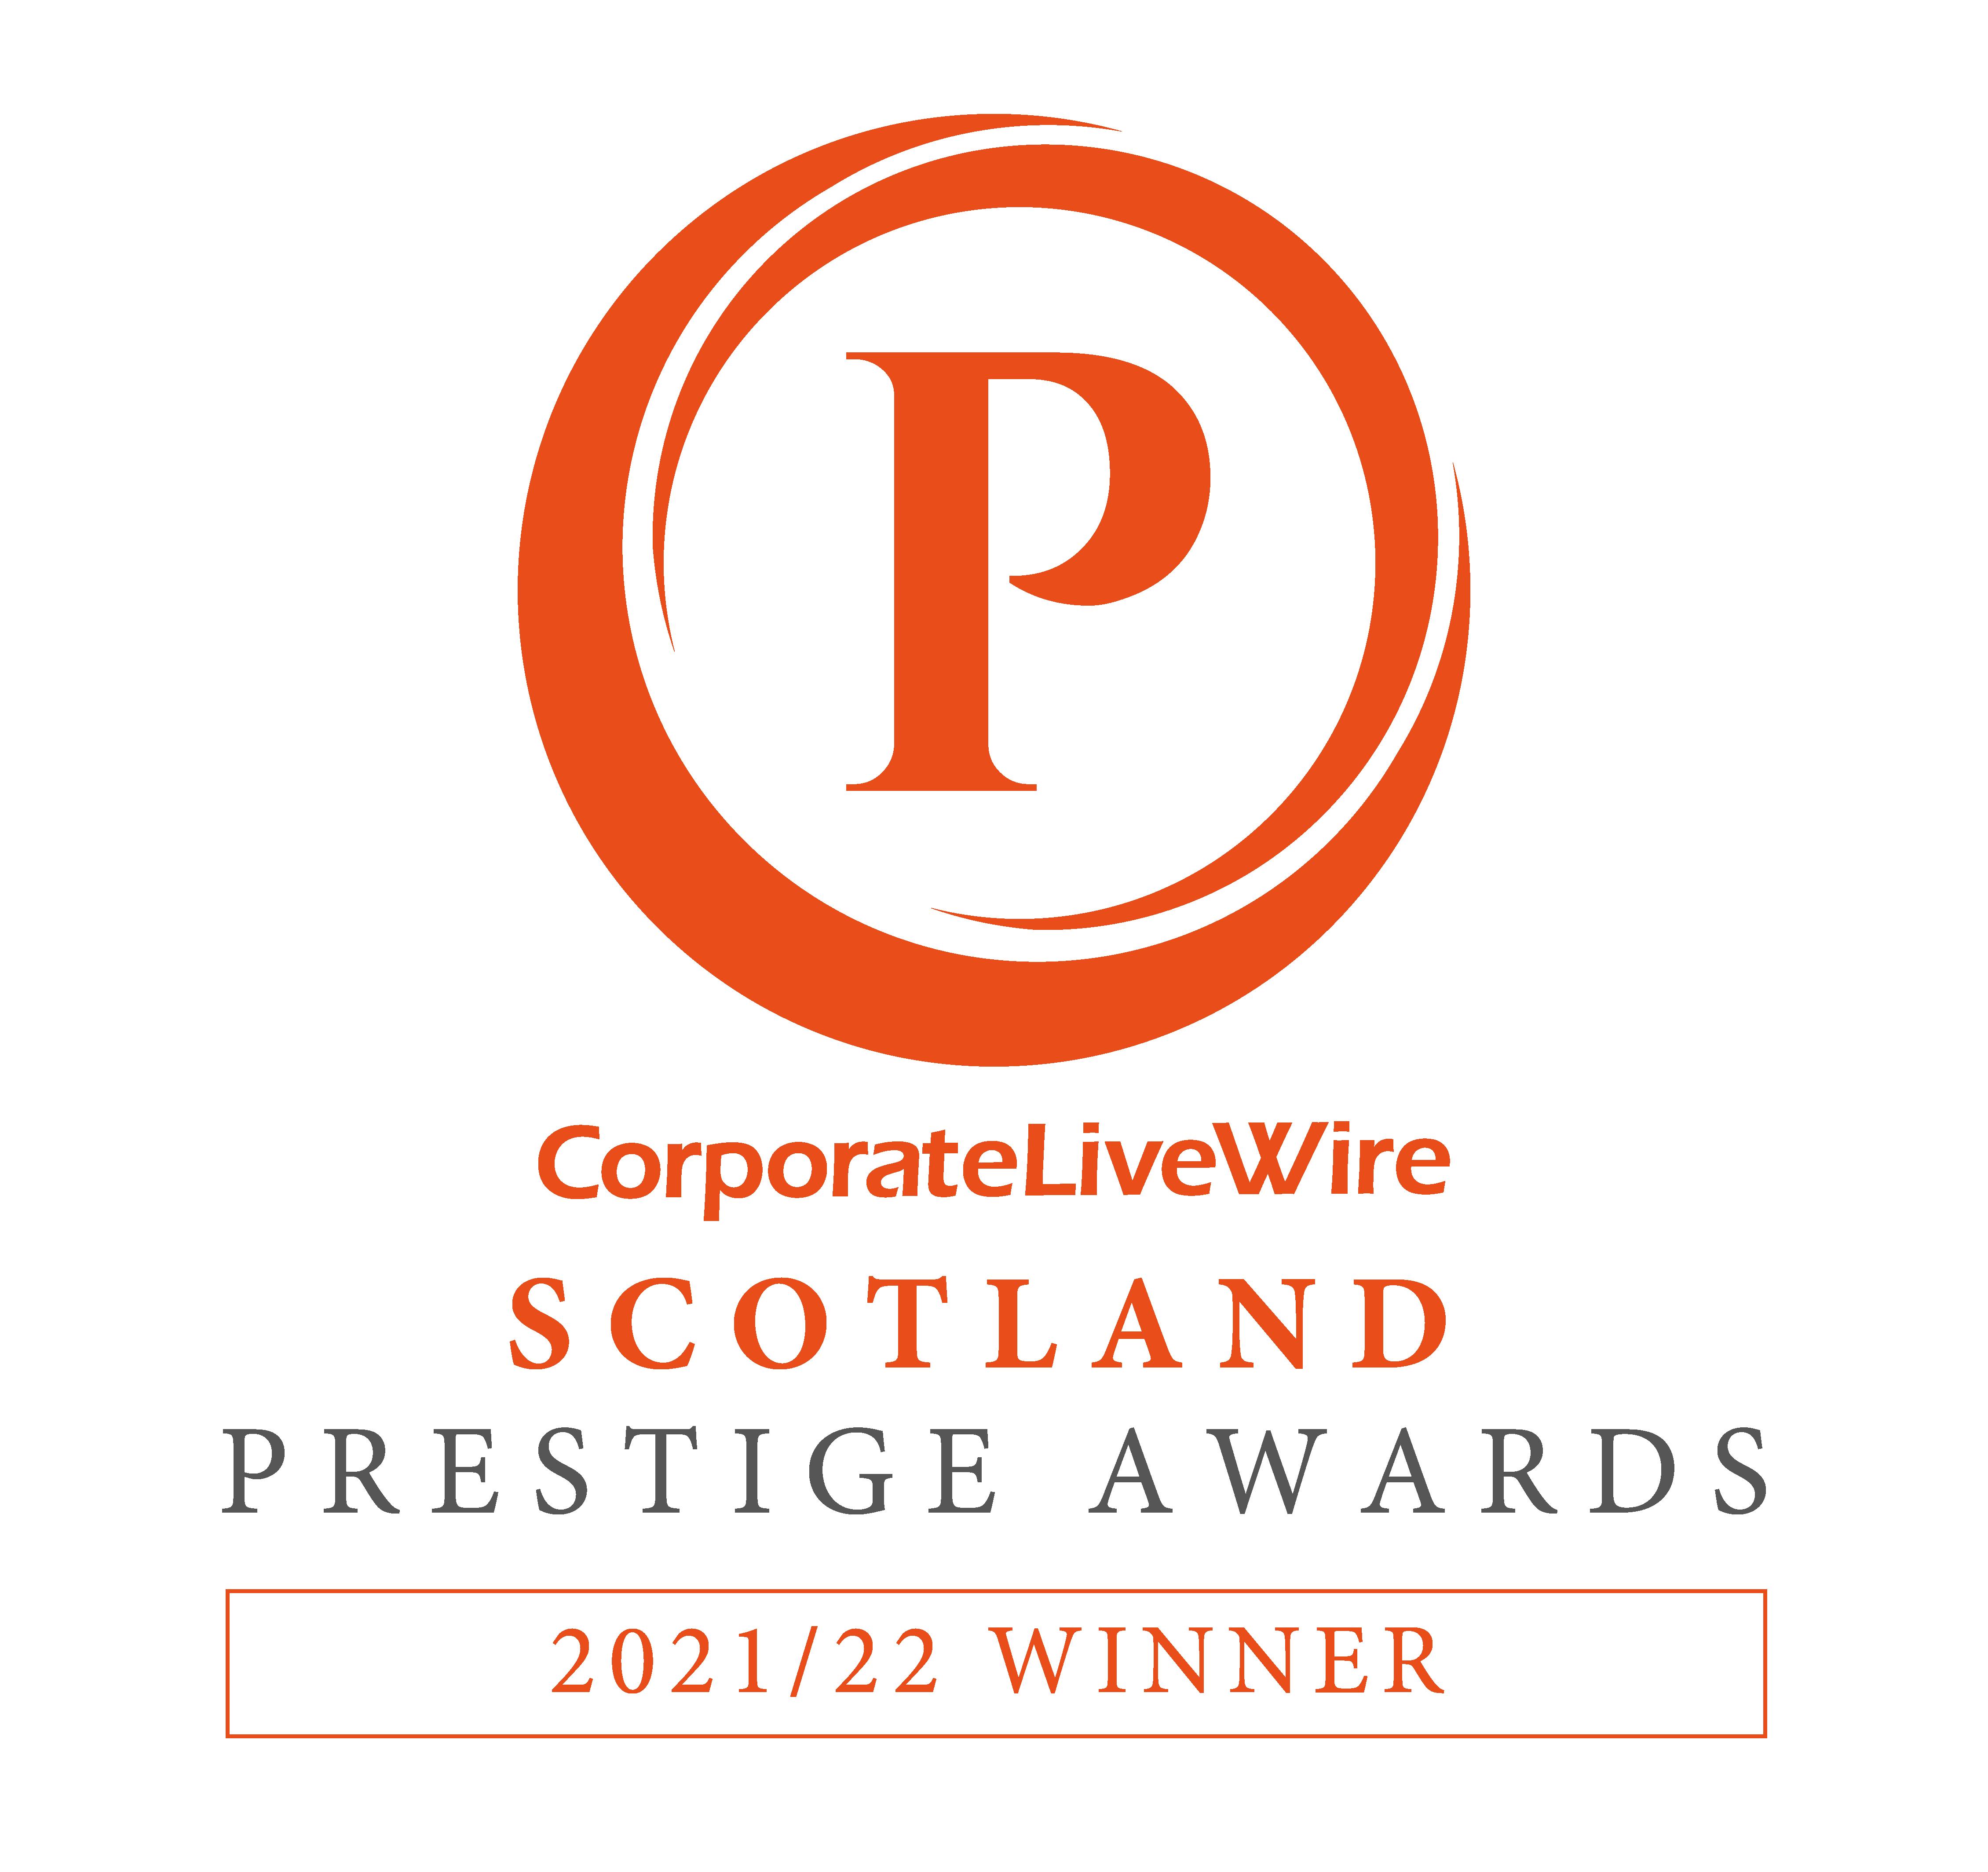 CorporateLiveWire SCOTLAND Prestige Awards WINNER